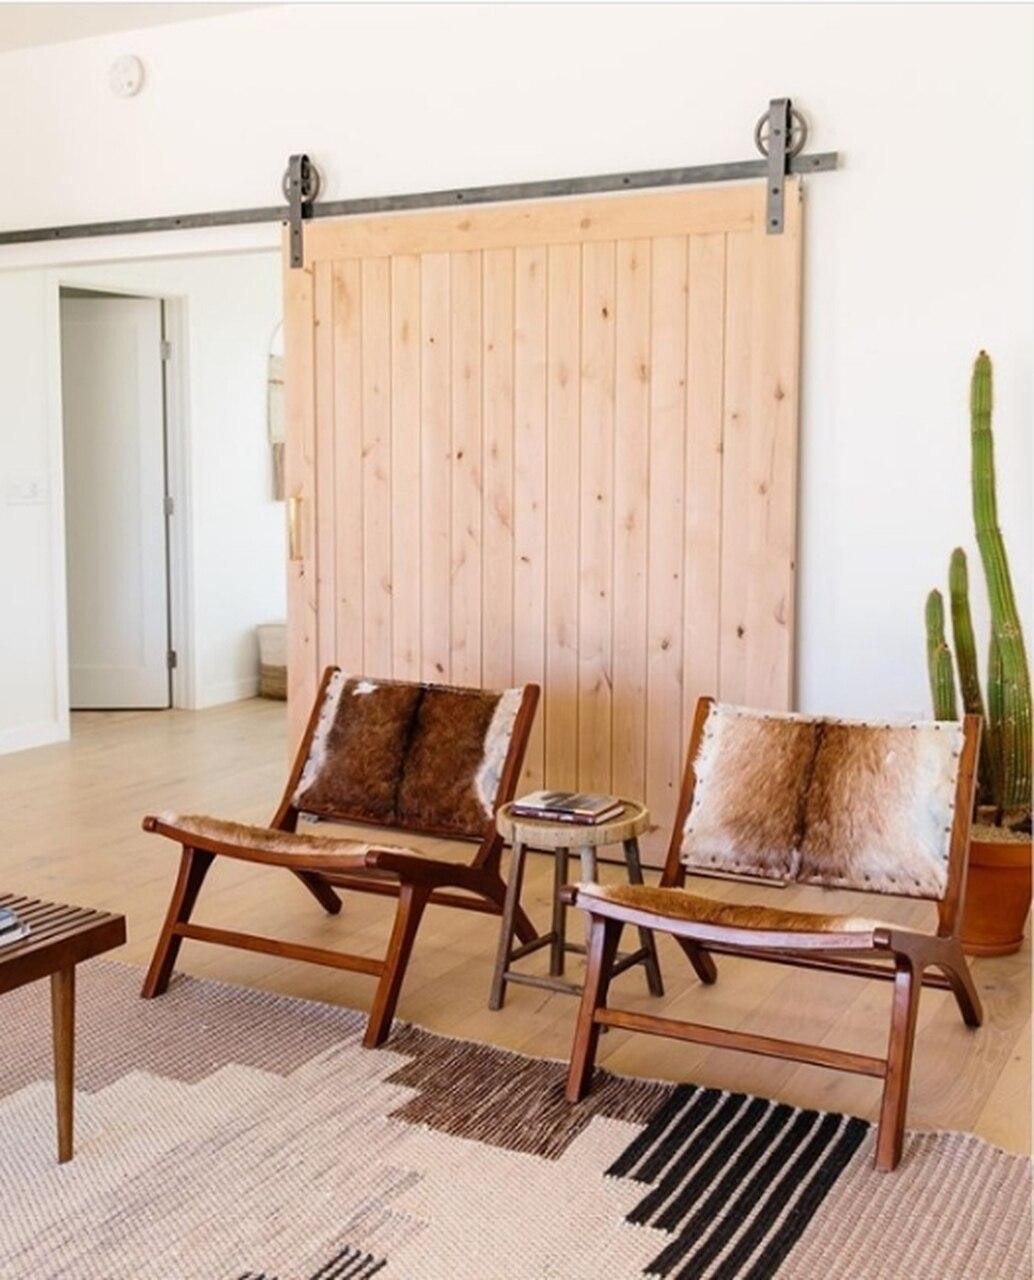 living-room-southwest-style-sliding-barn-door.jpg